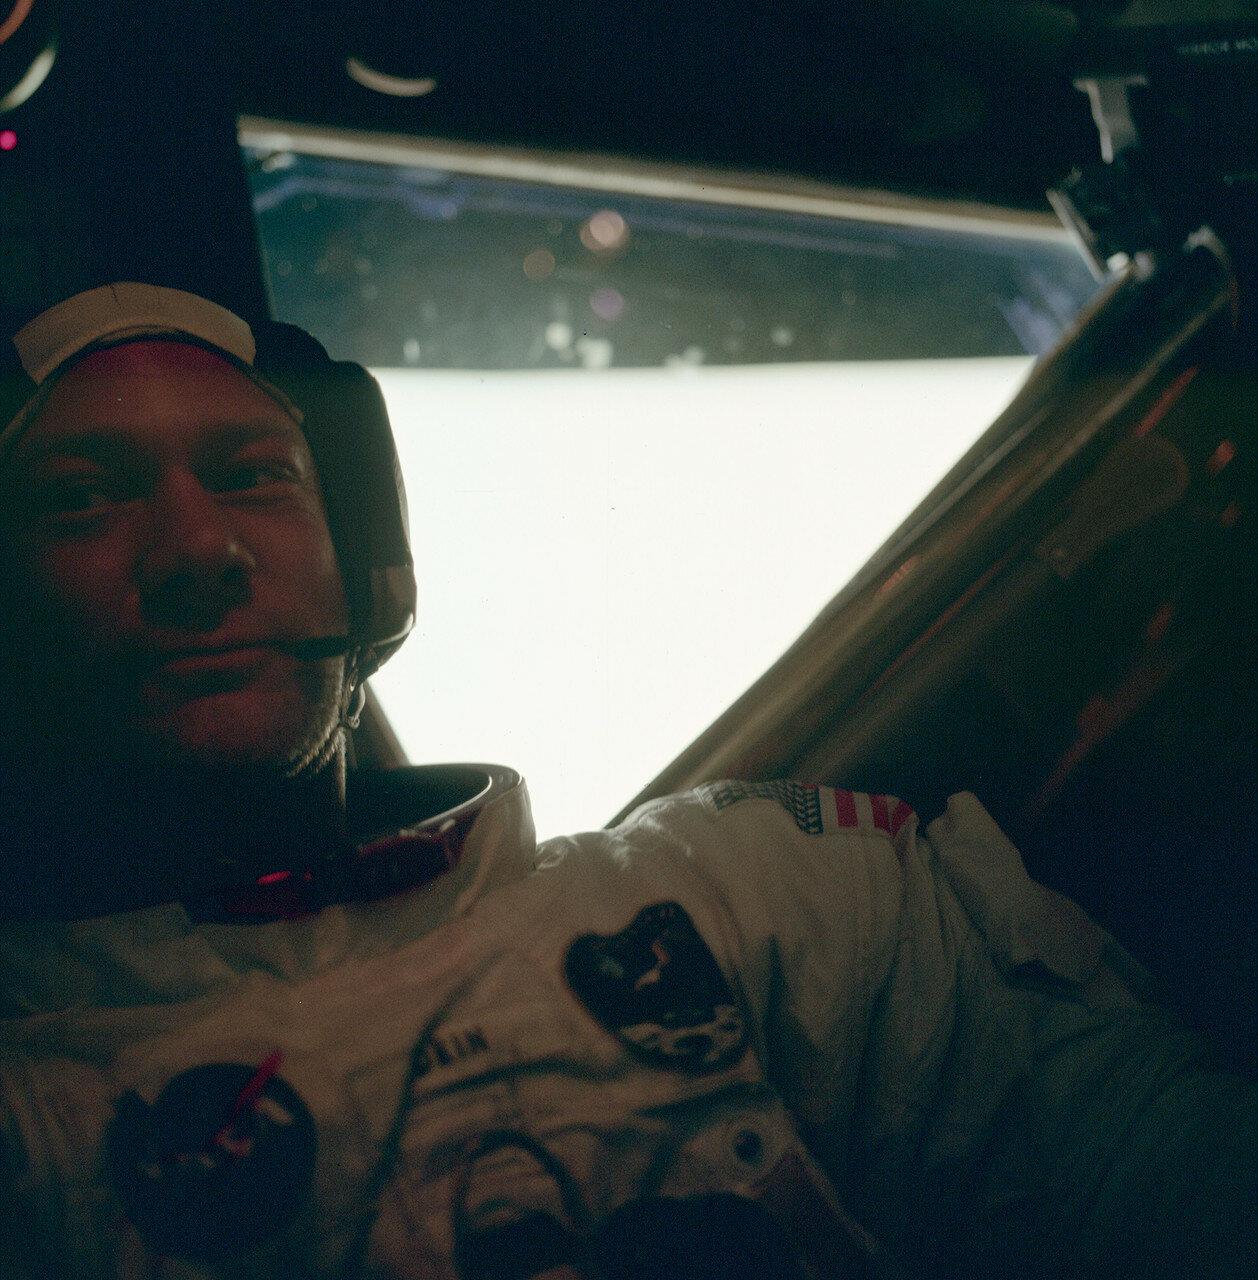 В самом начале 31-го витка, когда корабль находился над обратной стороной Луны, был включён его маршевый двигатель. Он отработал 2 минуты 28 секунд. «Аполлон-11» перешёл на траекторию полёта к Земле. На снимке Эдвин Олдрин